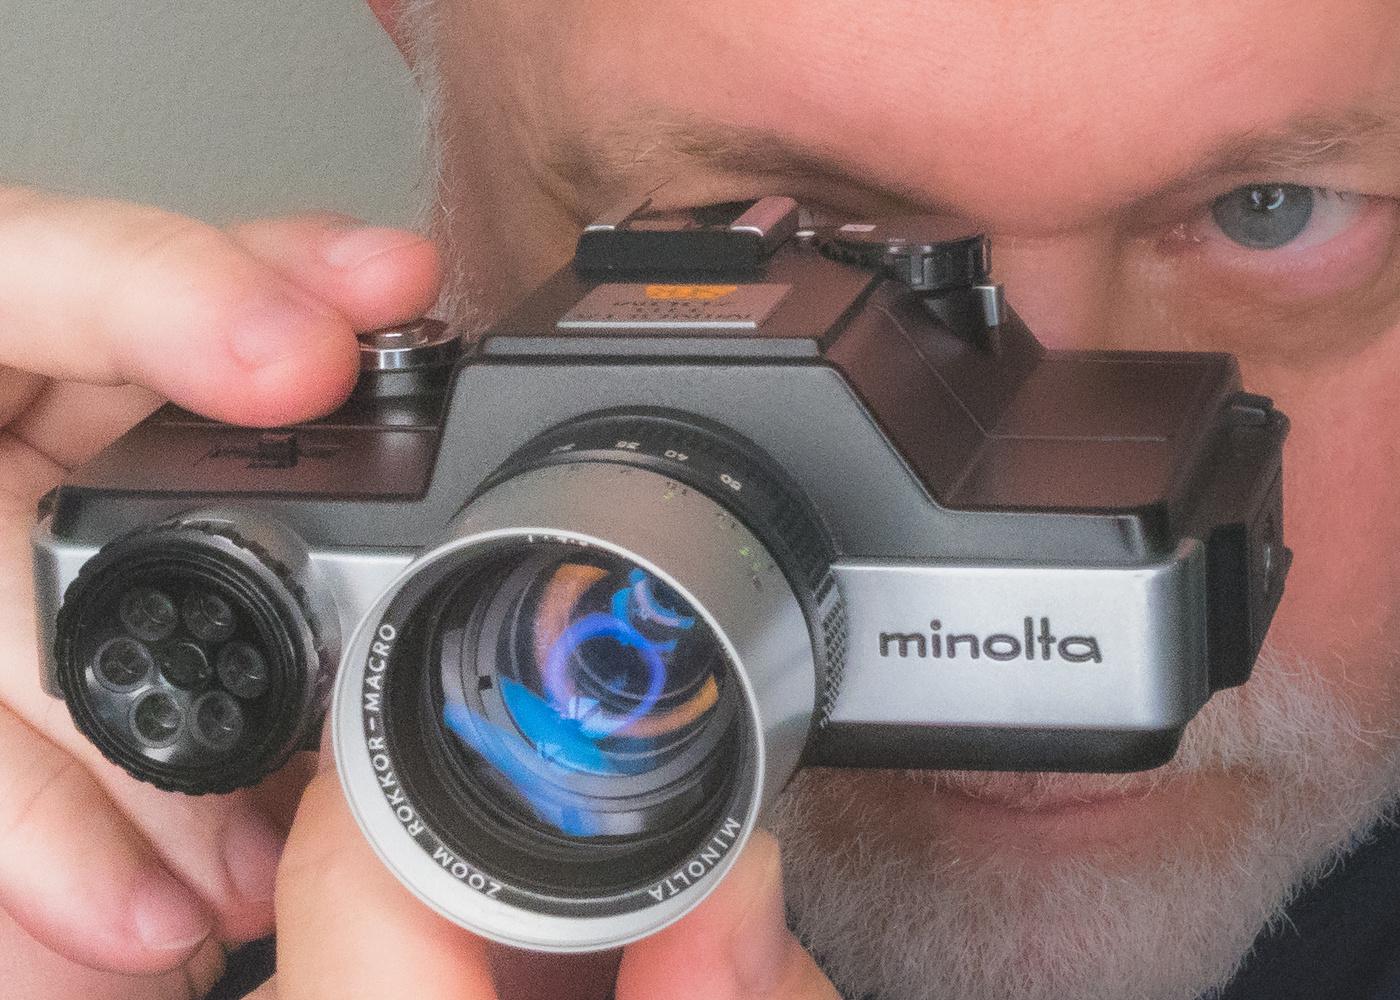 Minolta 110 Zoom SLR, the first SLR in 110 format. by Dan Stiel